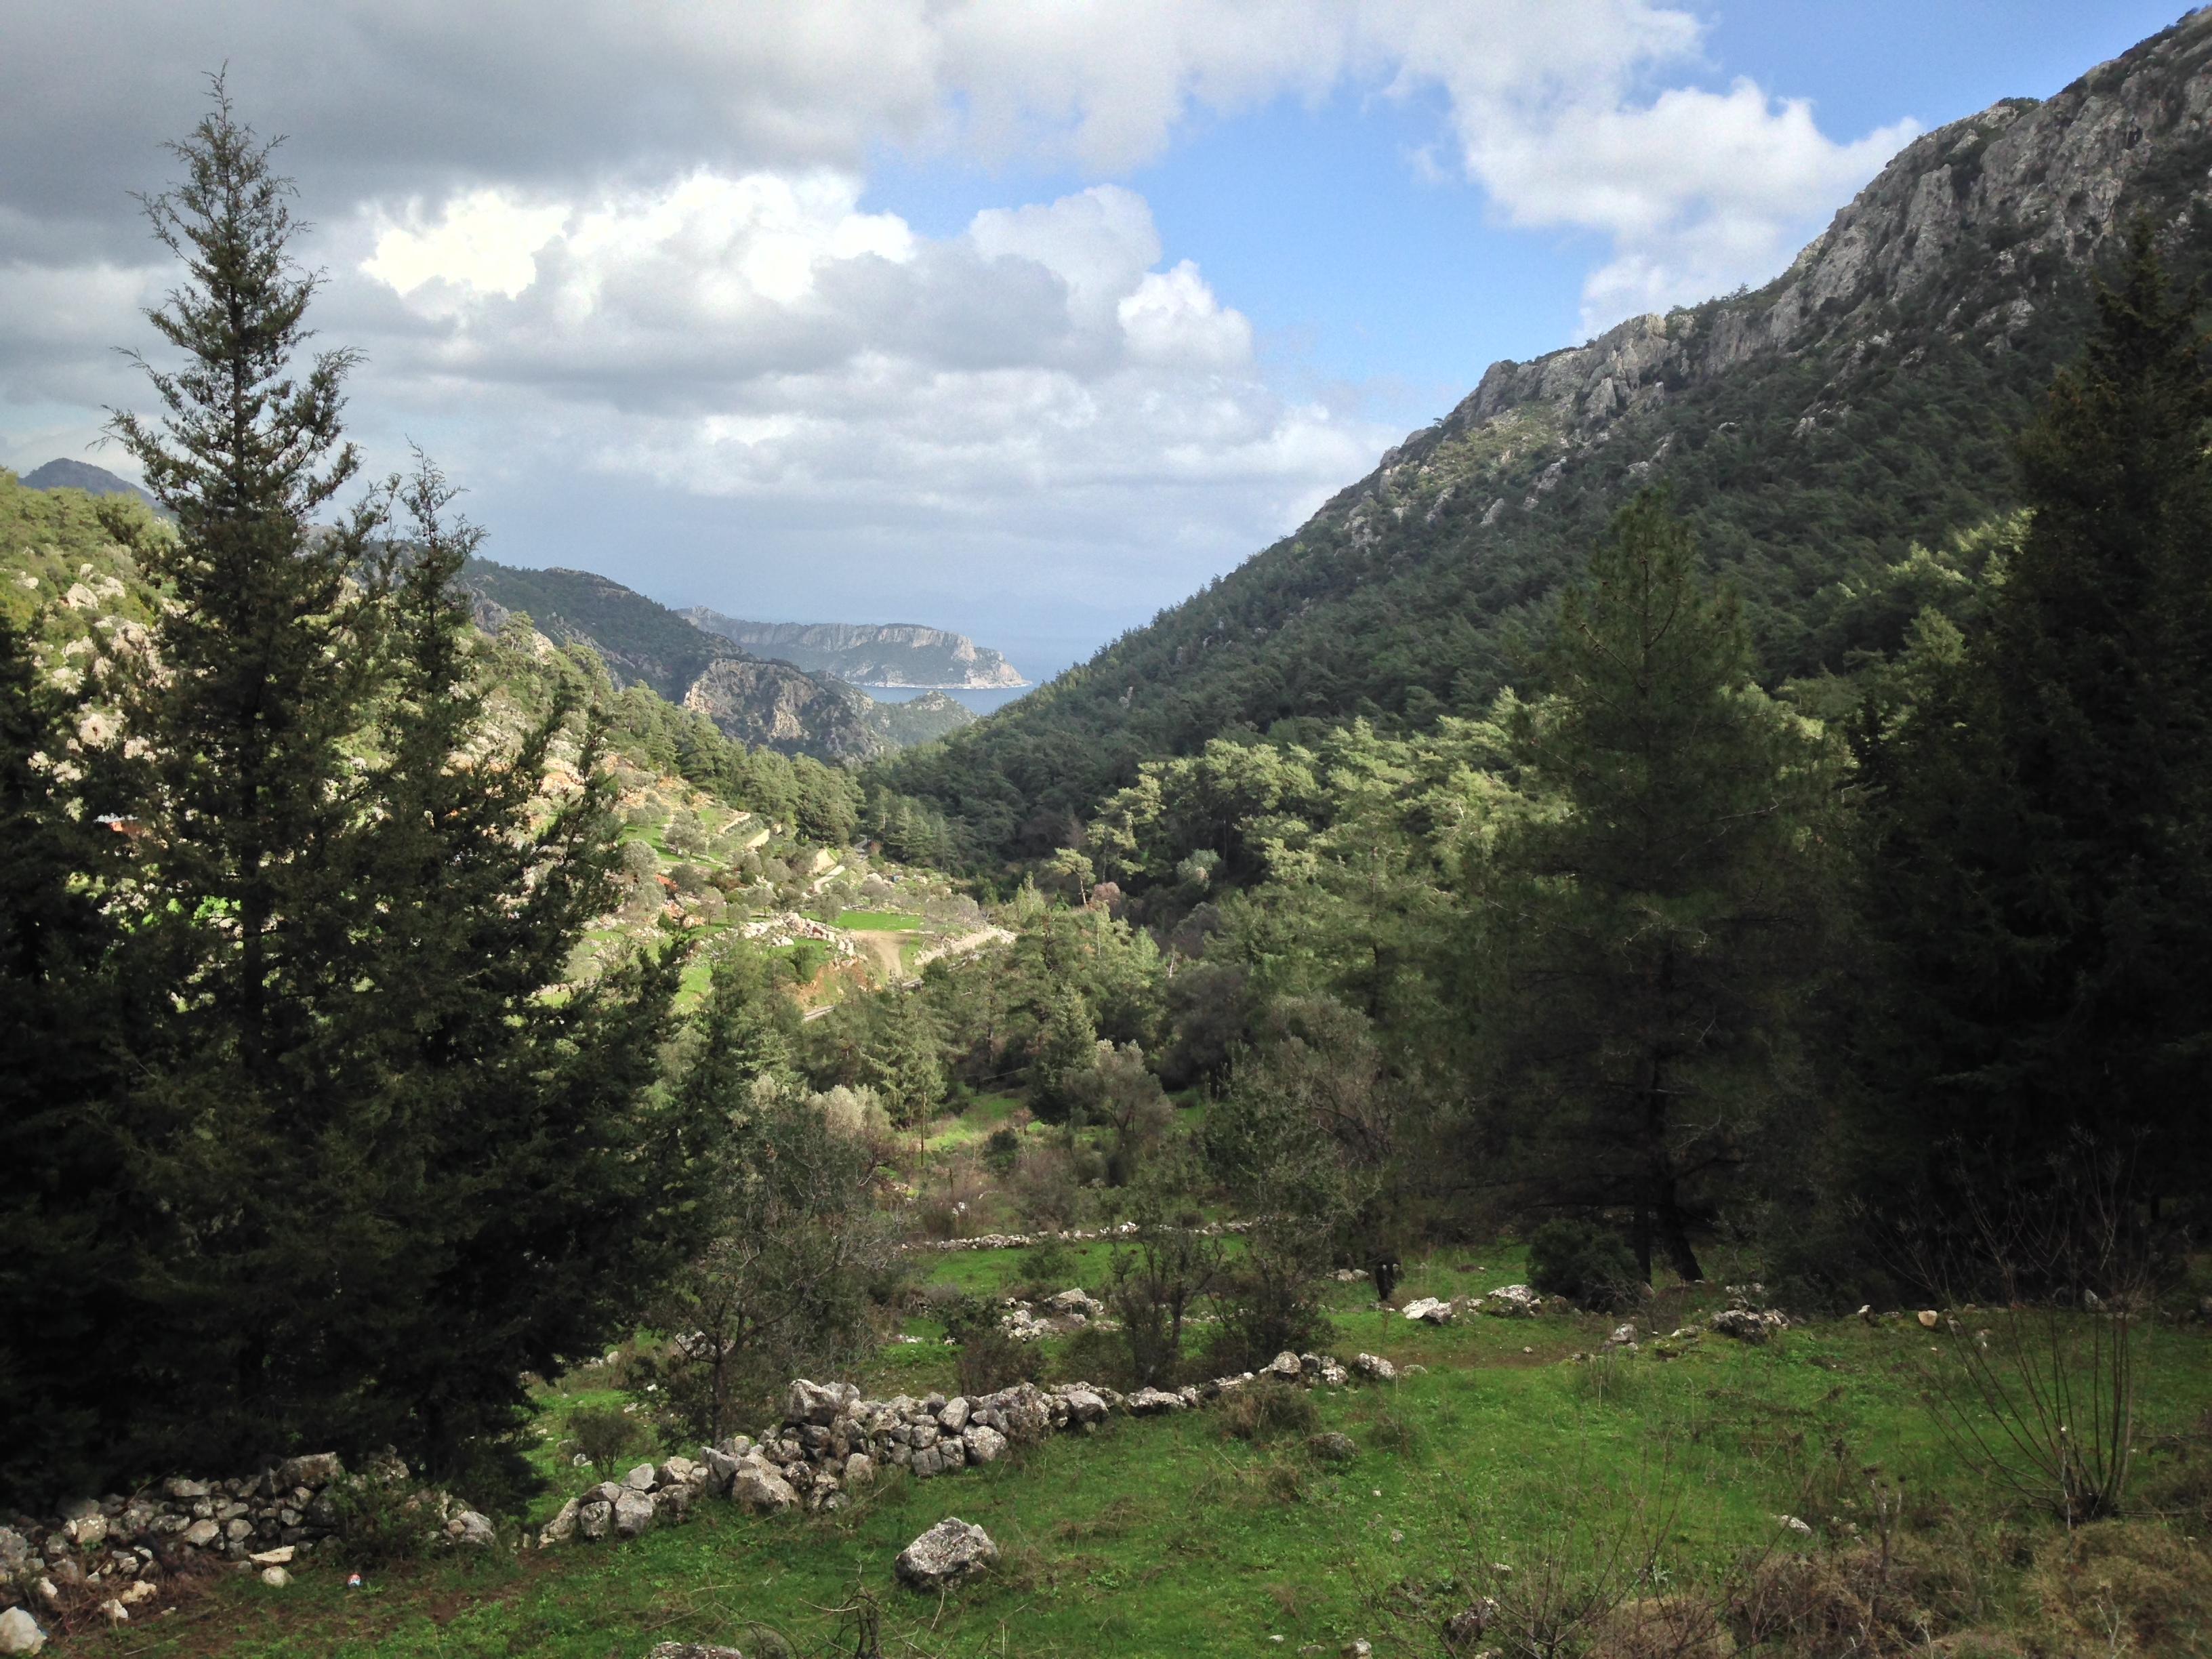 Ciftlic Bay Mountains